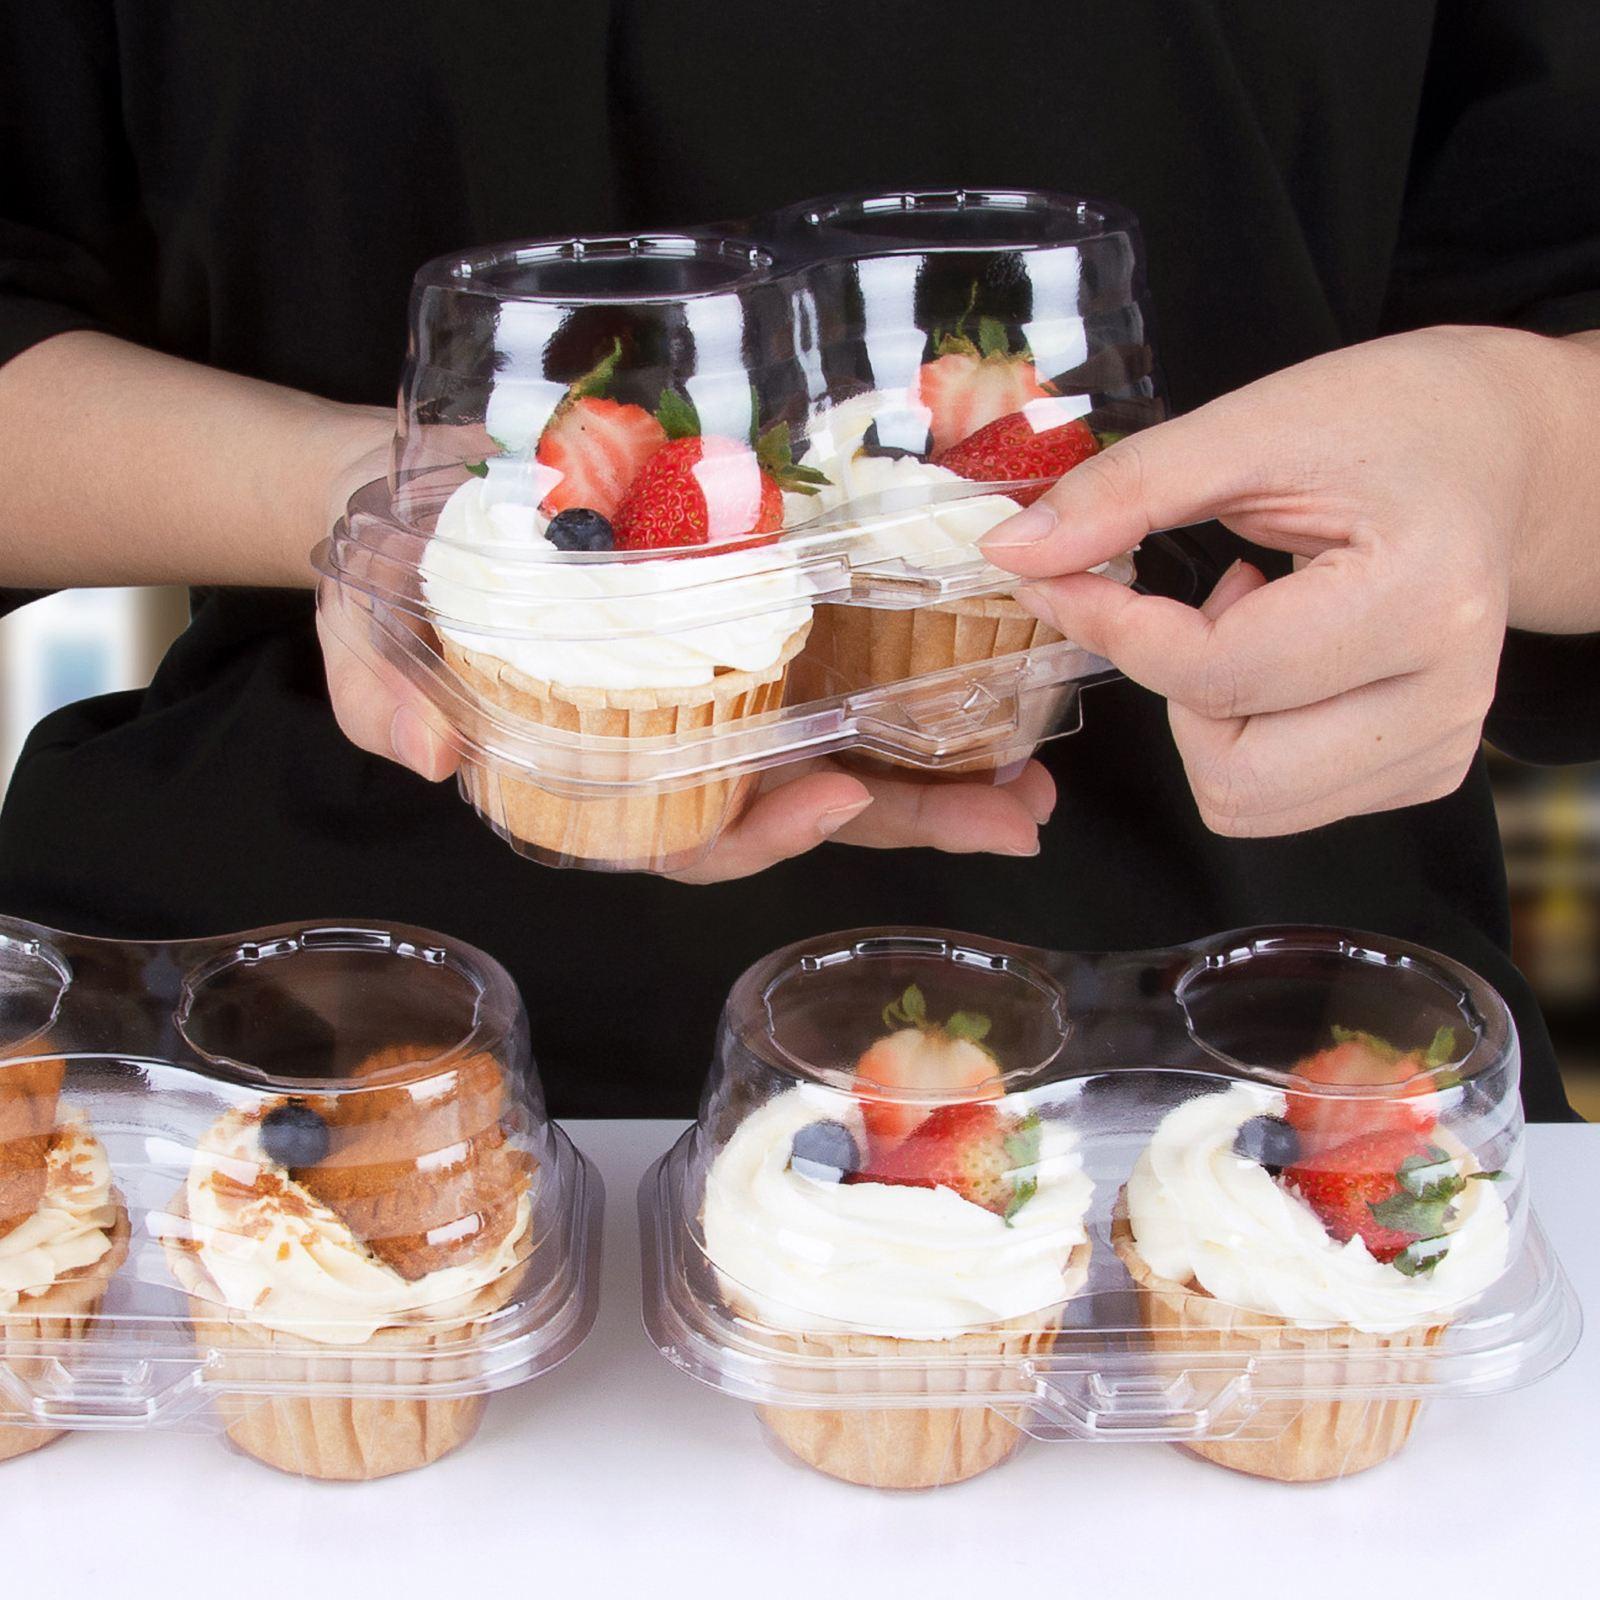 Caixa de Bolo Caixa de Sobremesa Caixas de Bolo Duráveis e Caixa de Embalagem para Festa de Casamento Lojas de Bolo de Aniversário Transparente Buraco Cozimento 50 Pçs 2